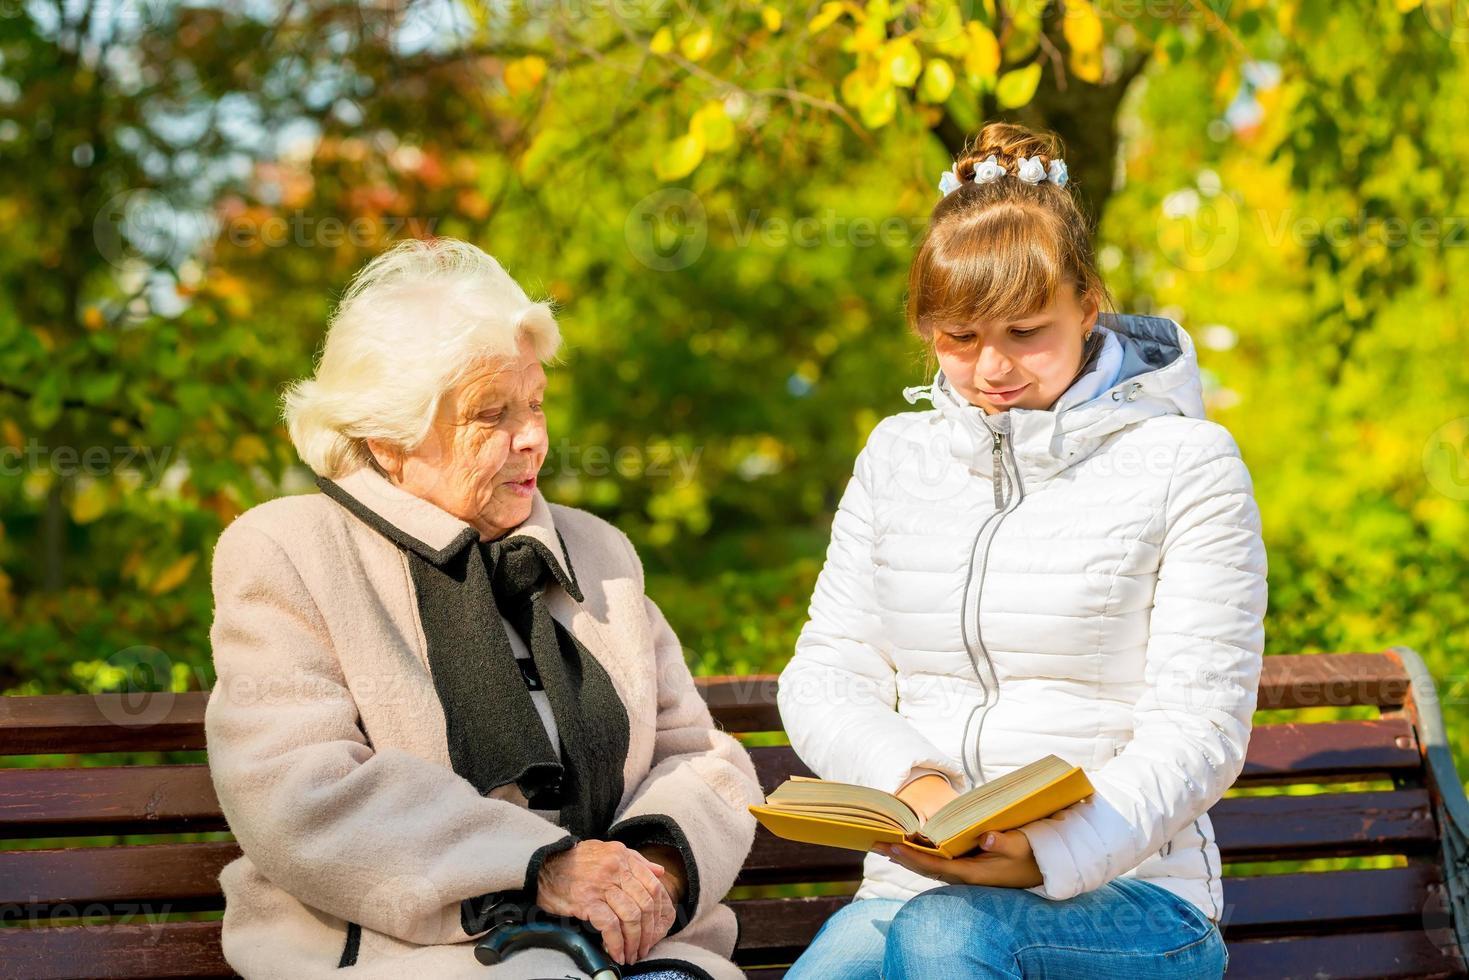 jovem neta lê seu livro avó idosa foto